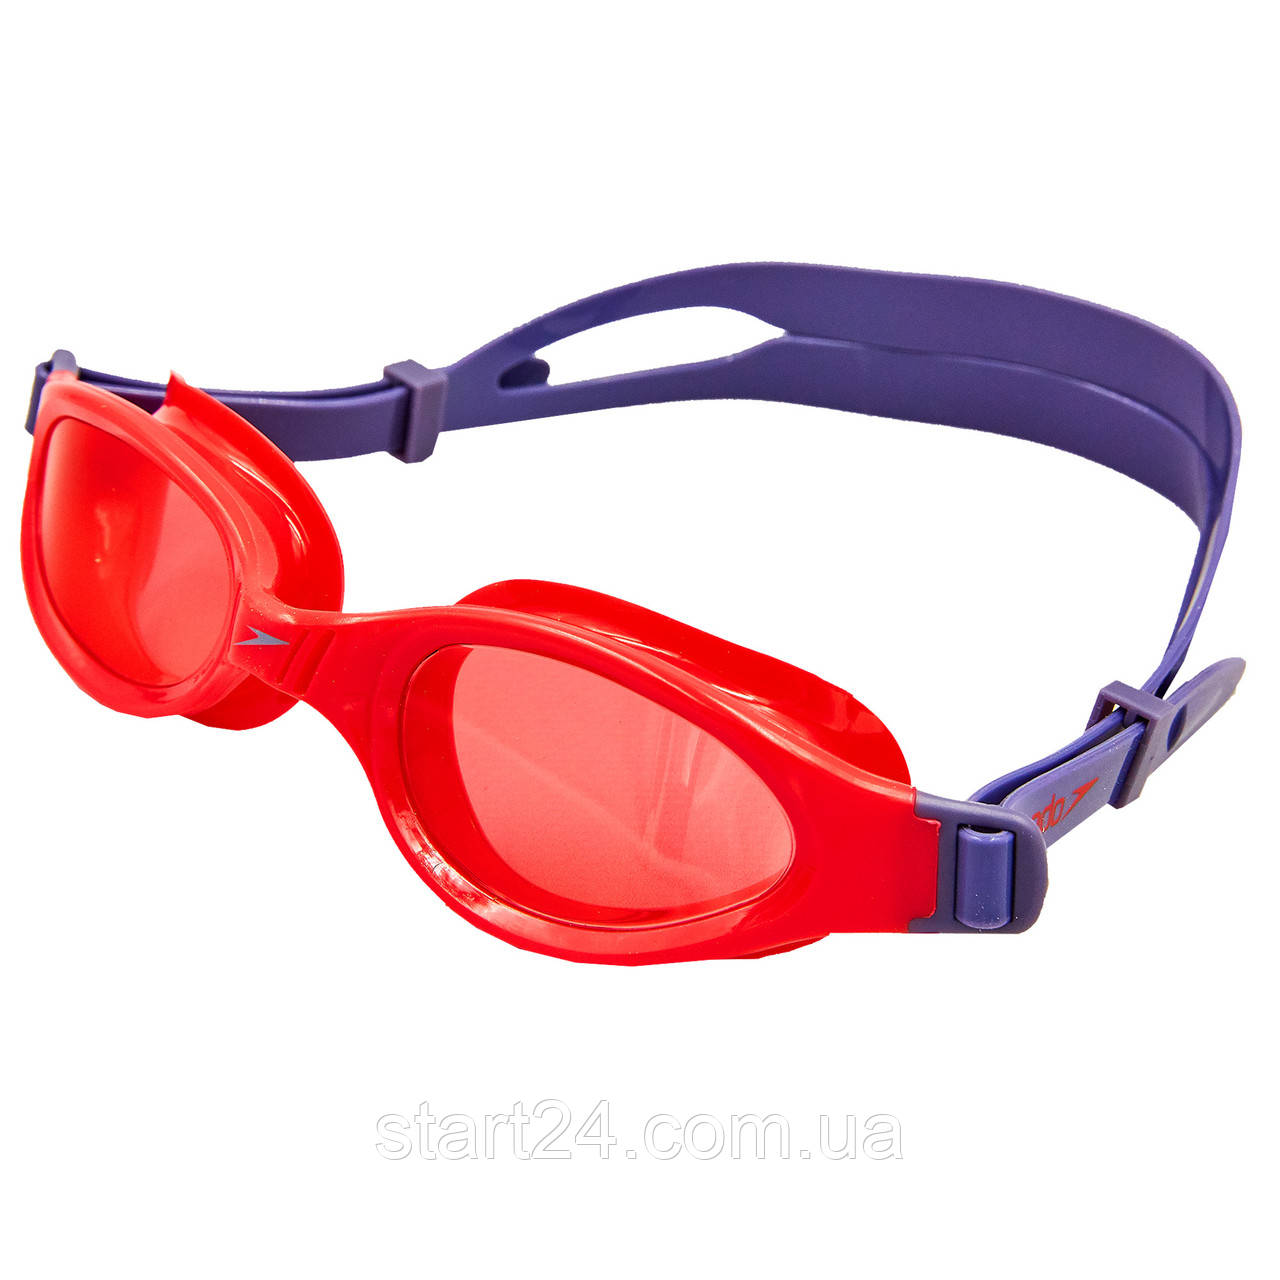 Окуляри для плавання дитячі SPEEDO FUTURA PLUS JUNIOR 809010B860 (полікарбонат, термопластична резина,